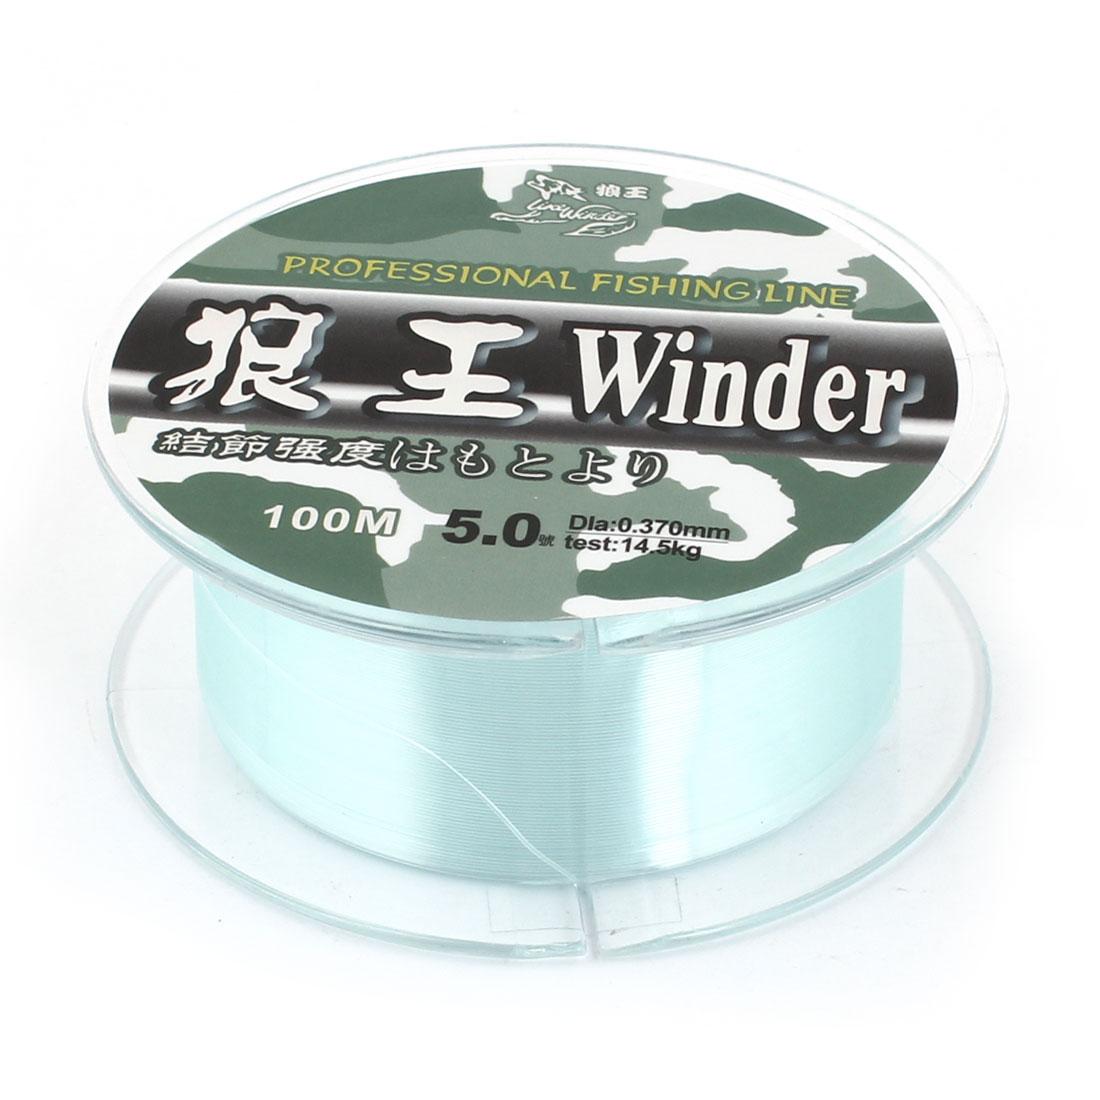 5.0# 0.370mm Diameter 100M Thread 14.5Kg 31.9 lb Fishing Line Spool Green